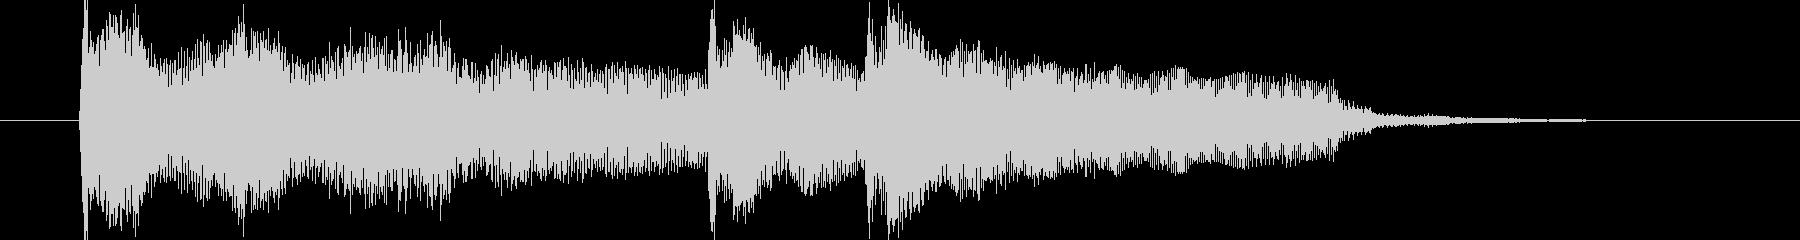 ピアノ・ボサノバっぽいジングルの未再生の波形